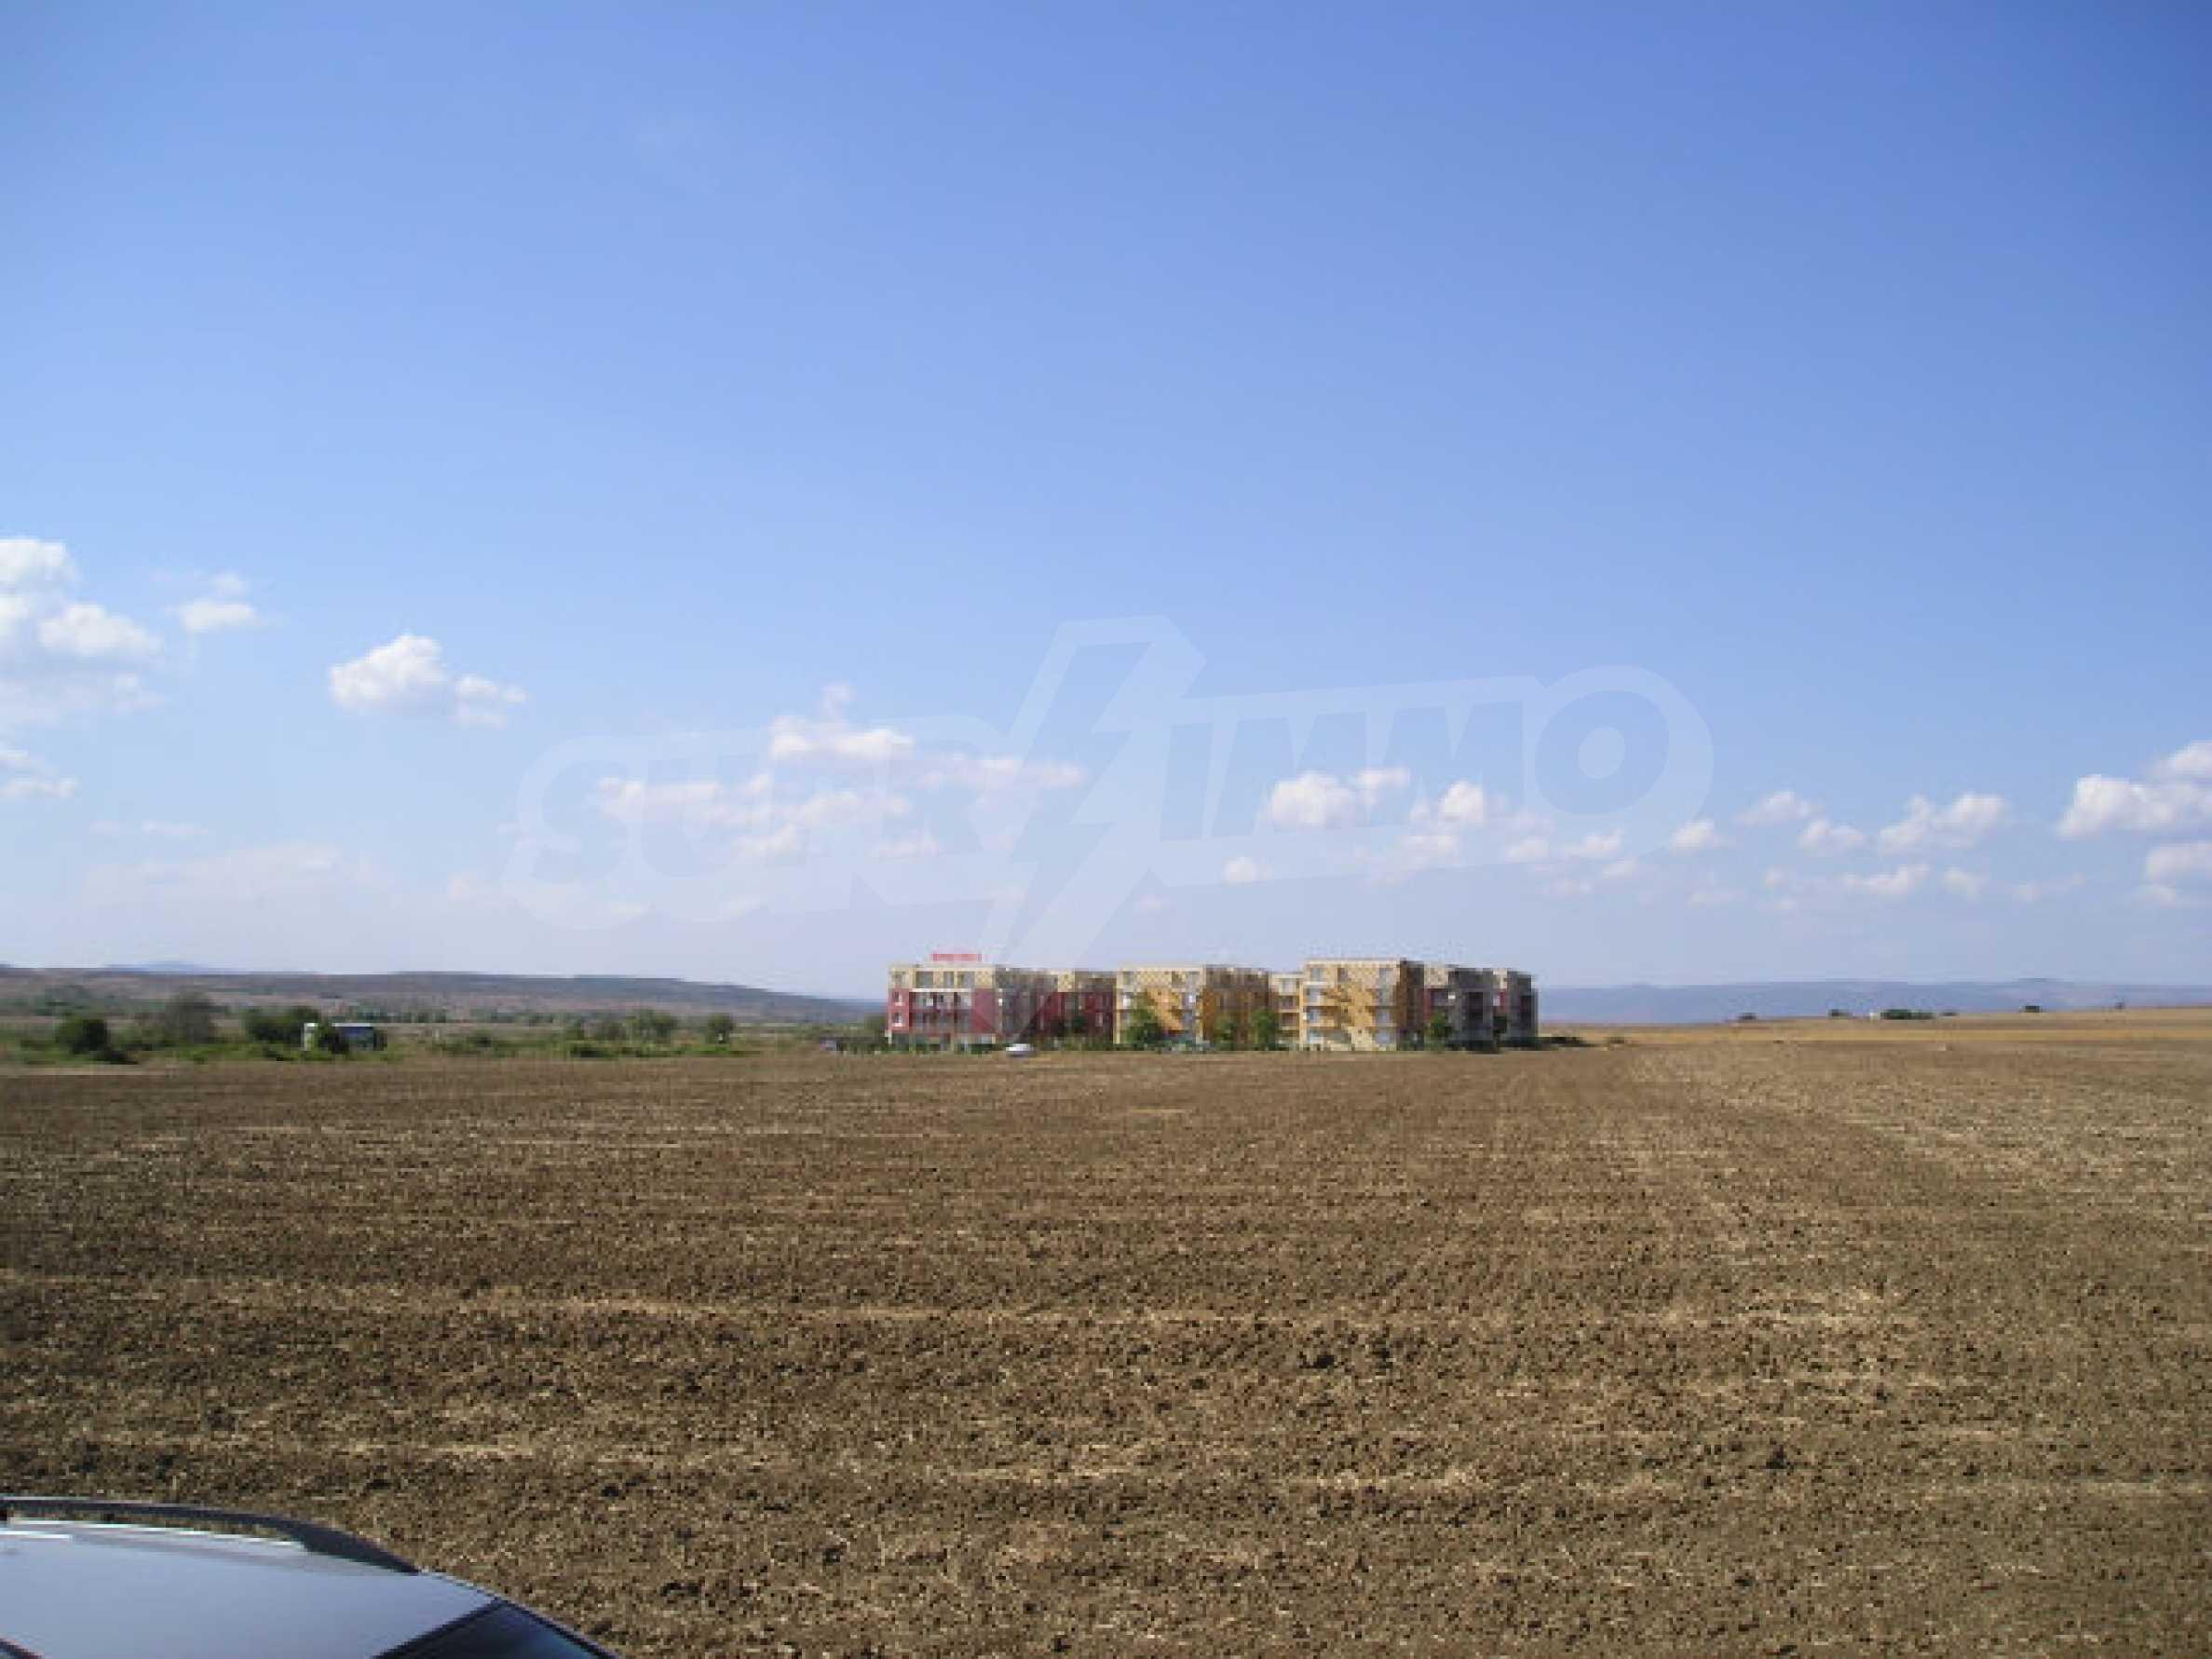 Bauland zum Verkauf in der Nähe von Sonnenstrand 2